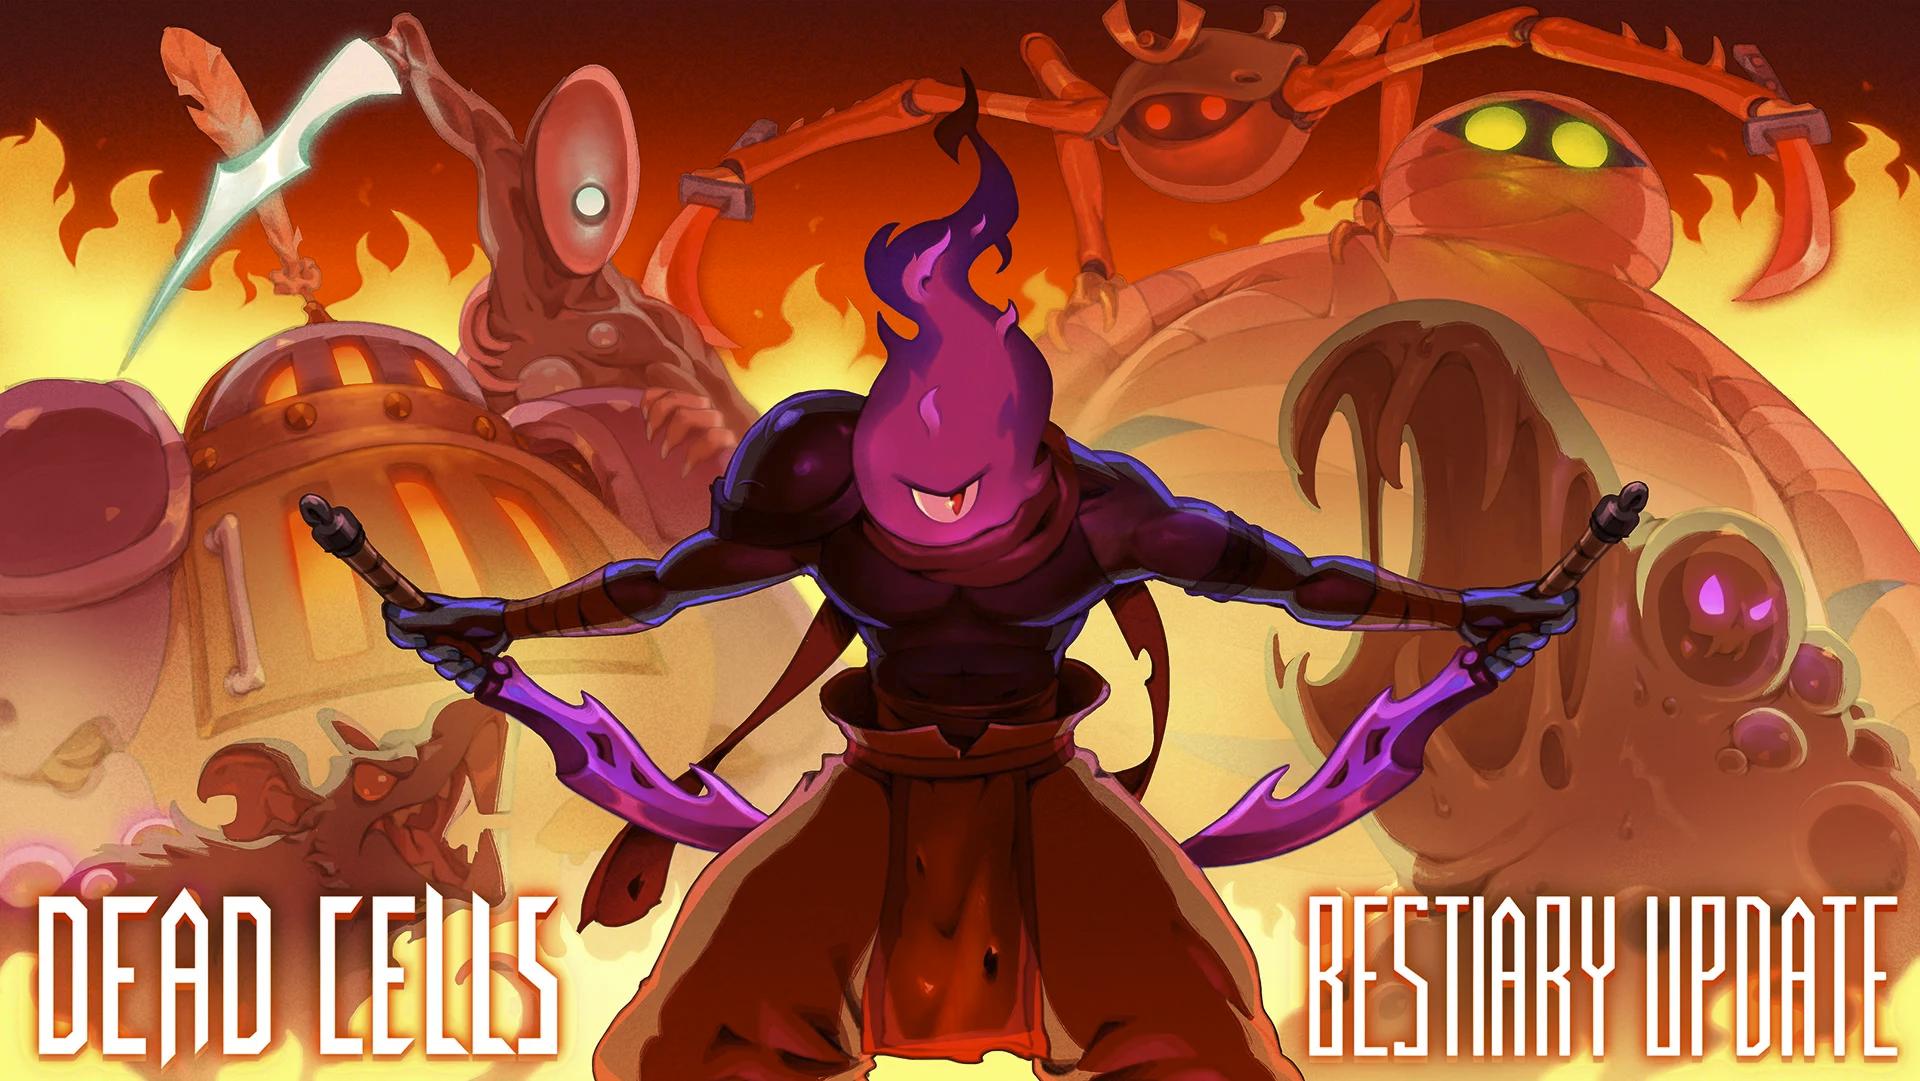 Обновление Bestiary для Dead Cells добавляет новых врагов, достижения и многое другое